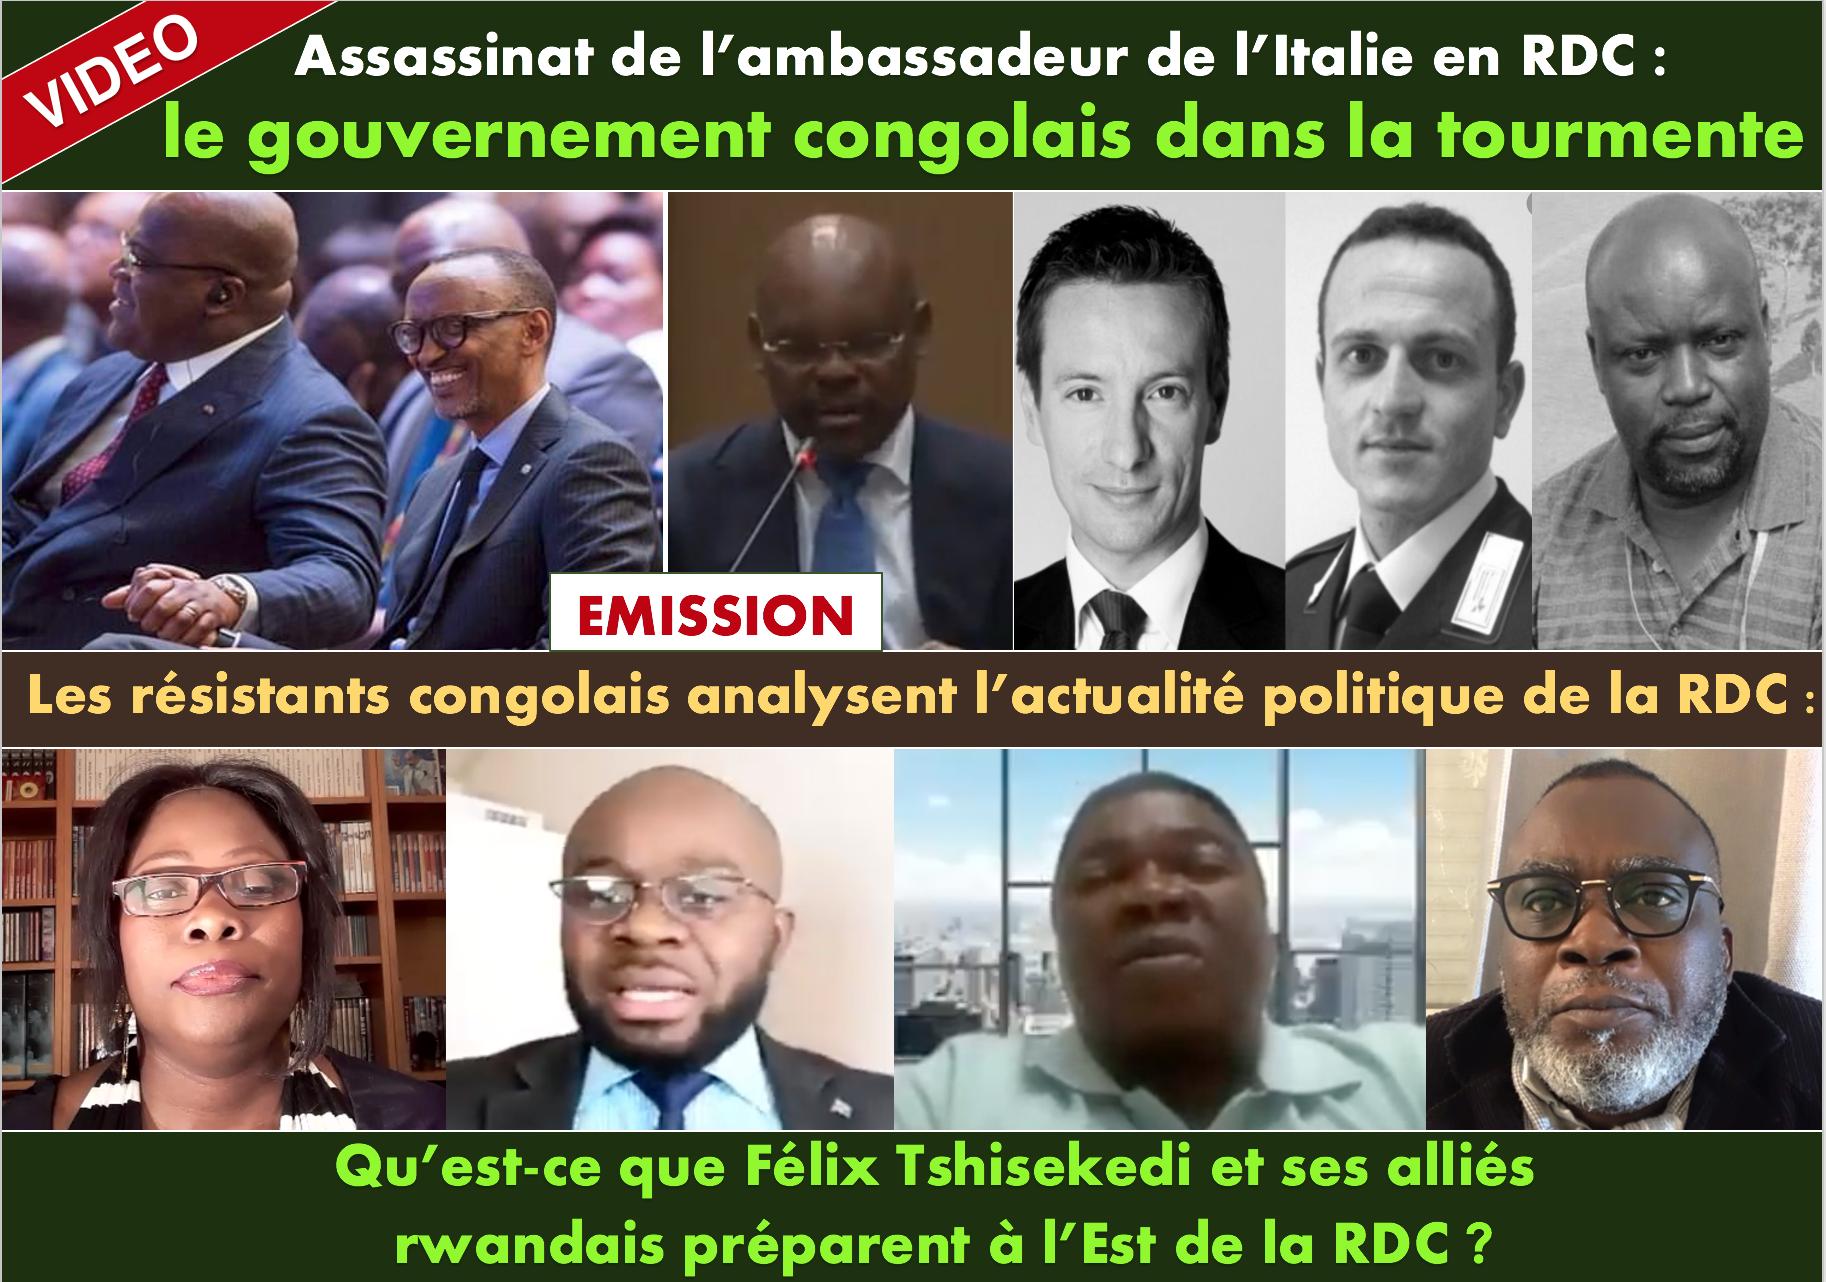 VIDEO/ Les résistants congolais analysent l'actualité politique de la RDC - Assassinat de l'ambassadeur de l'Italie en RDC: le gouvernement congolais dans la tourmente